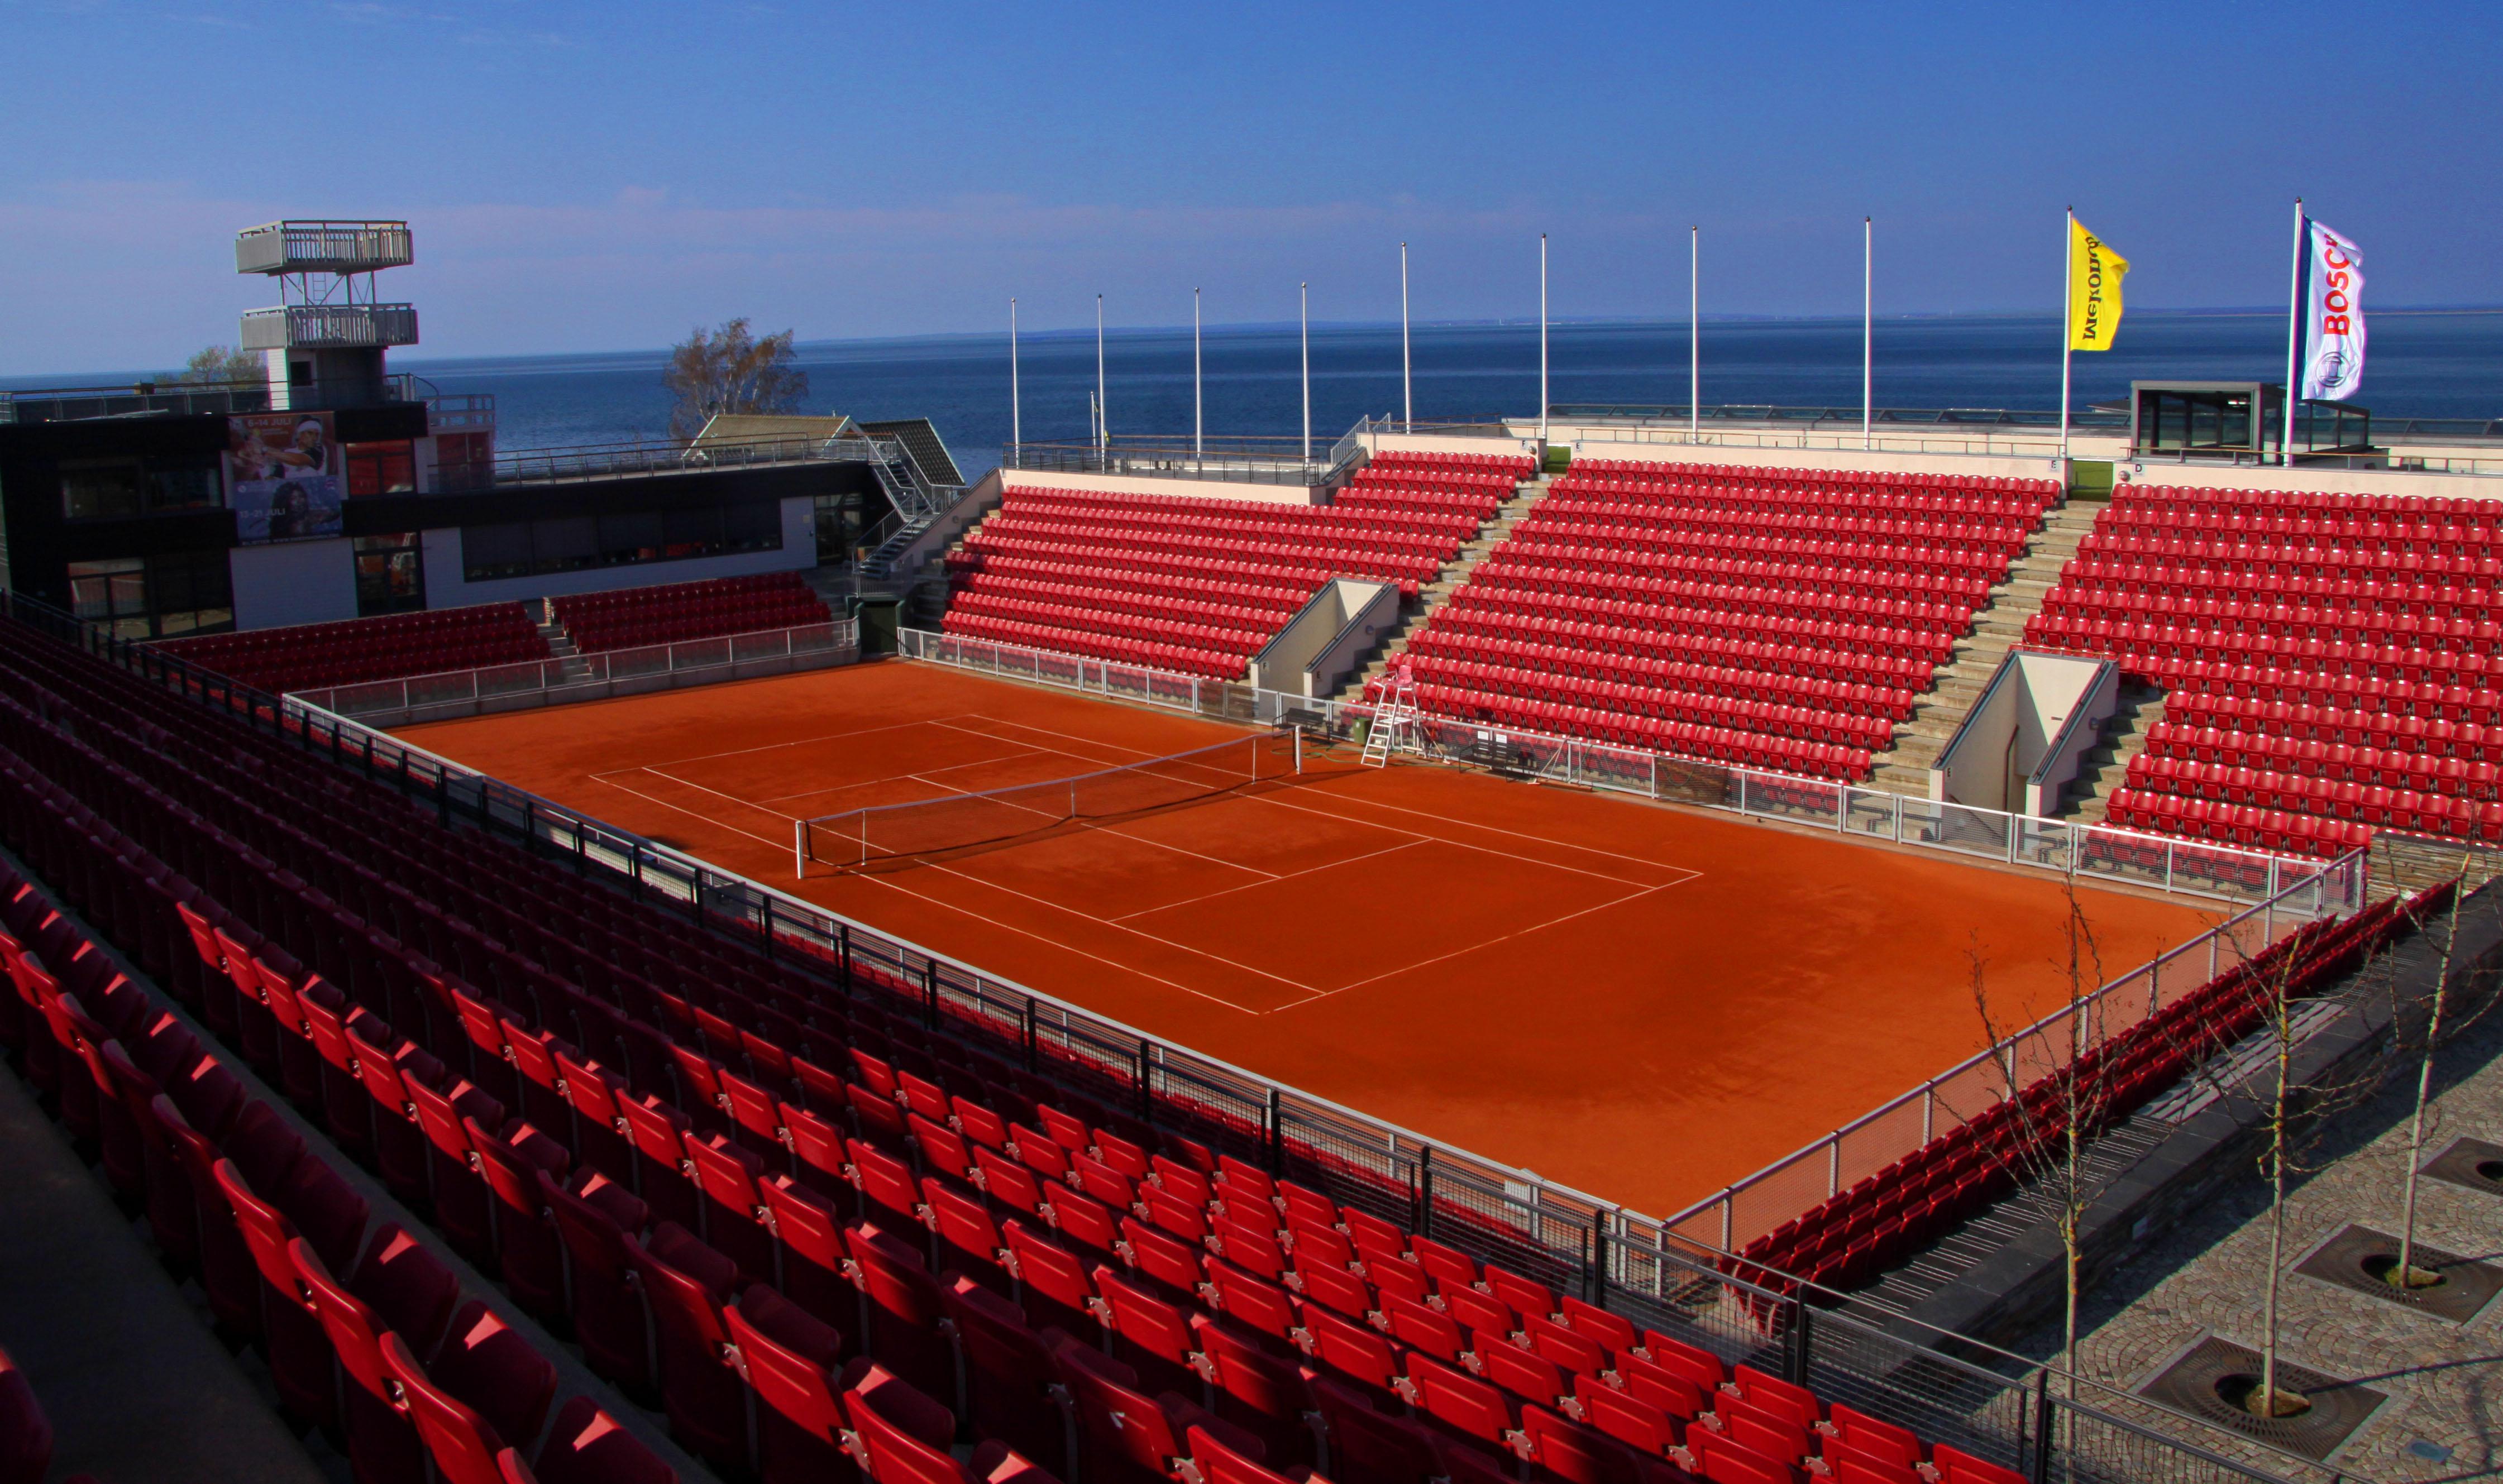 båstad tennis 2019 spelare